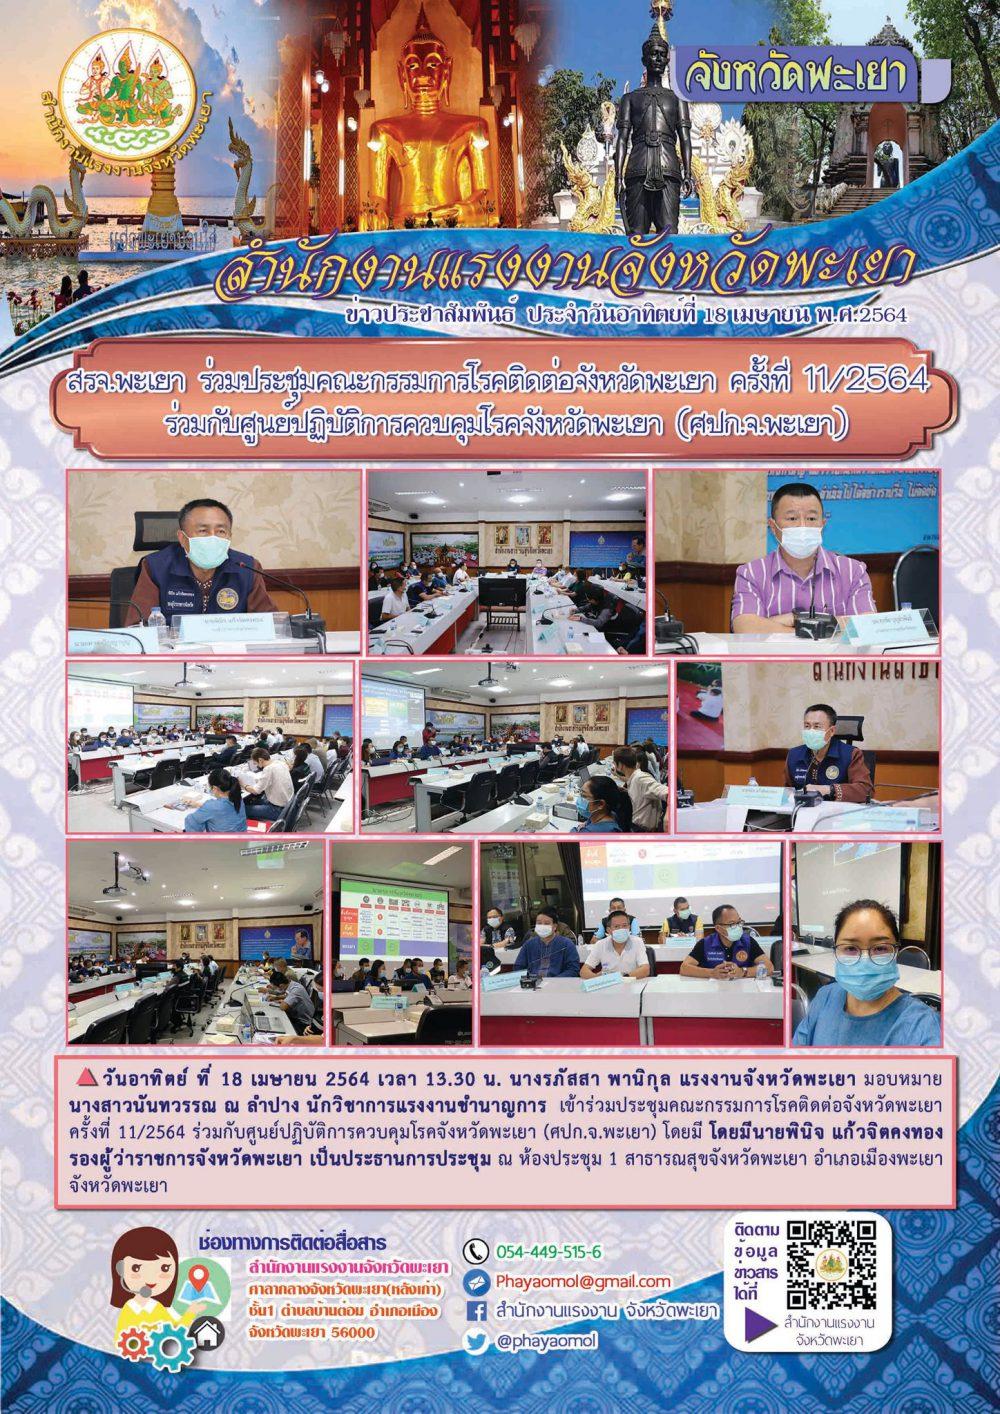 สรจ.พะเยา ร่วมประชุมคณะกรรมการโรคติดต่อจังหวัดพะเยา ครั้งที่ 11/2564 ร่วมกับศูนย์ปฏิบัติการควบคุมโรคจังหวัดพะเยา (ศปก.จ.พะเยา)